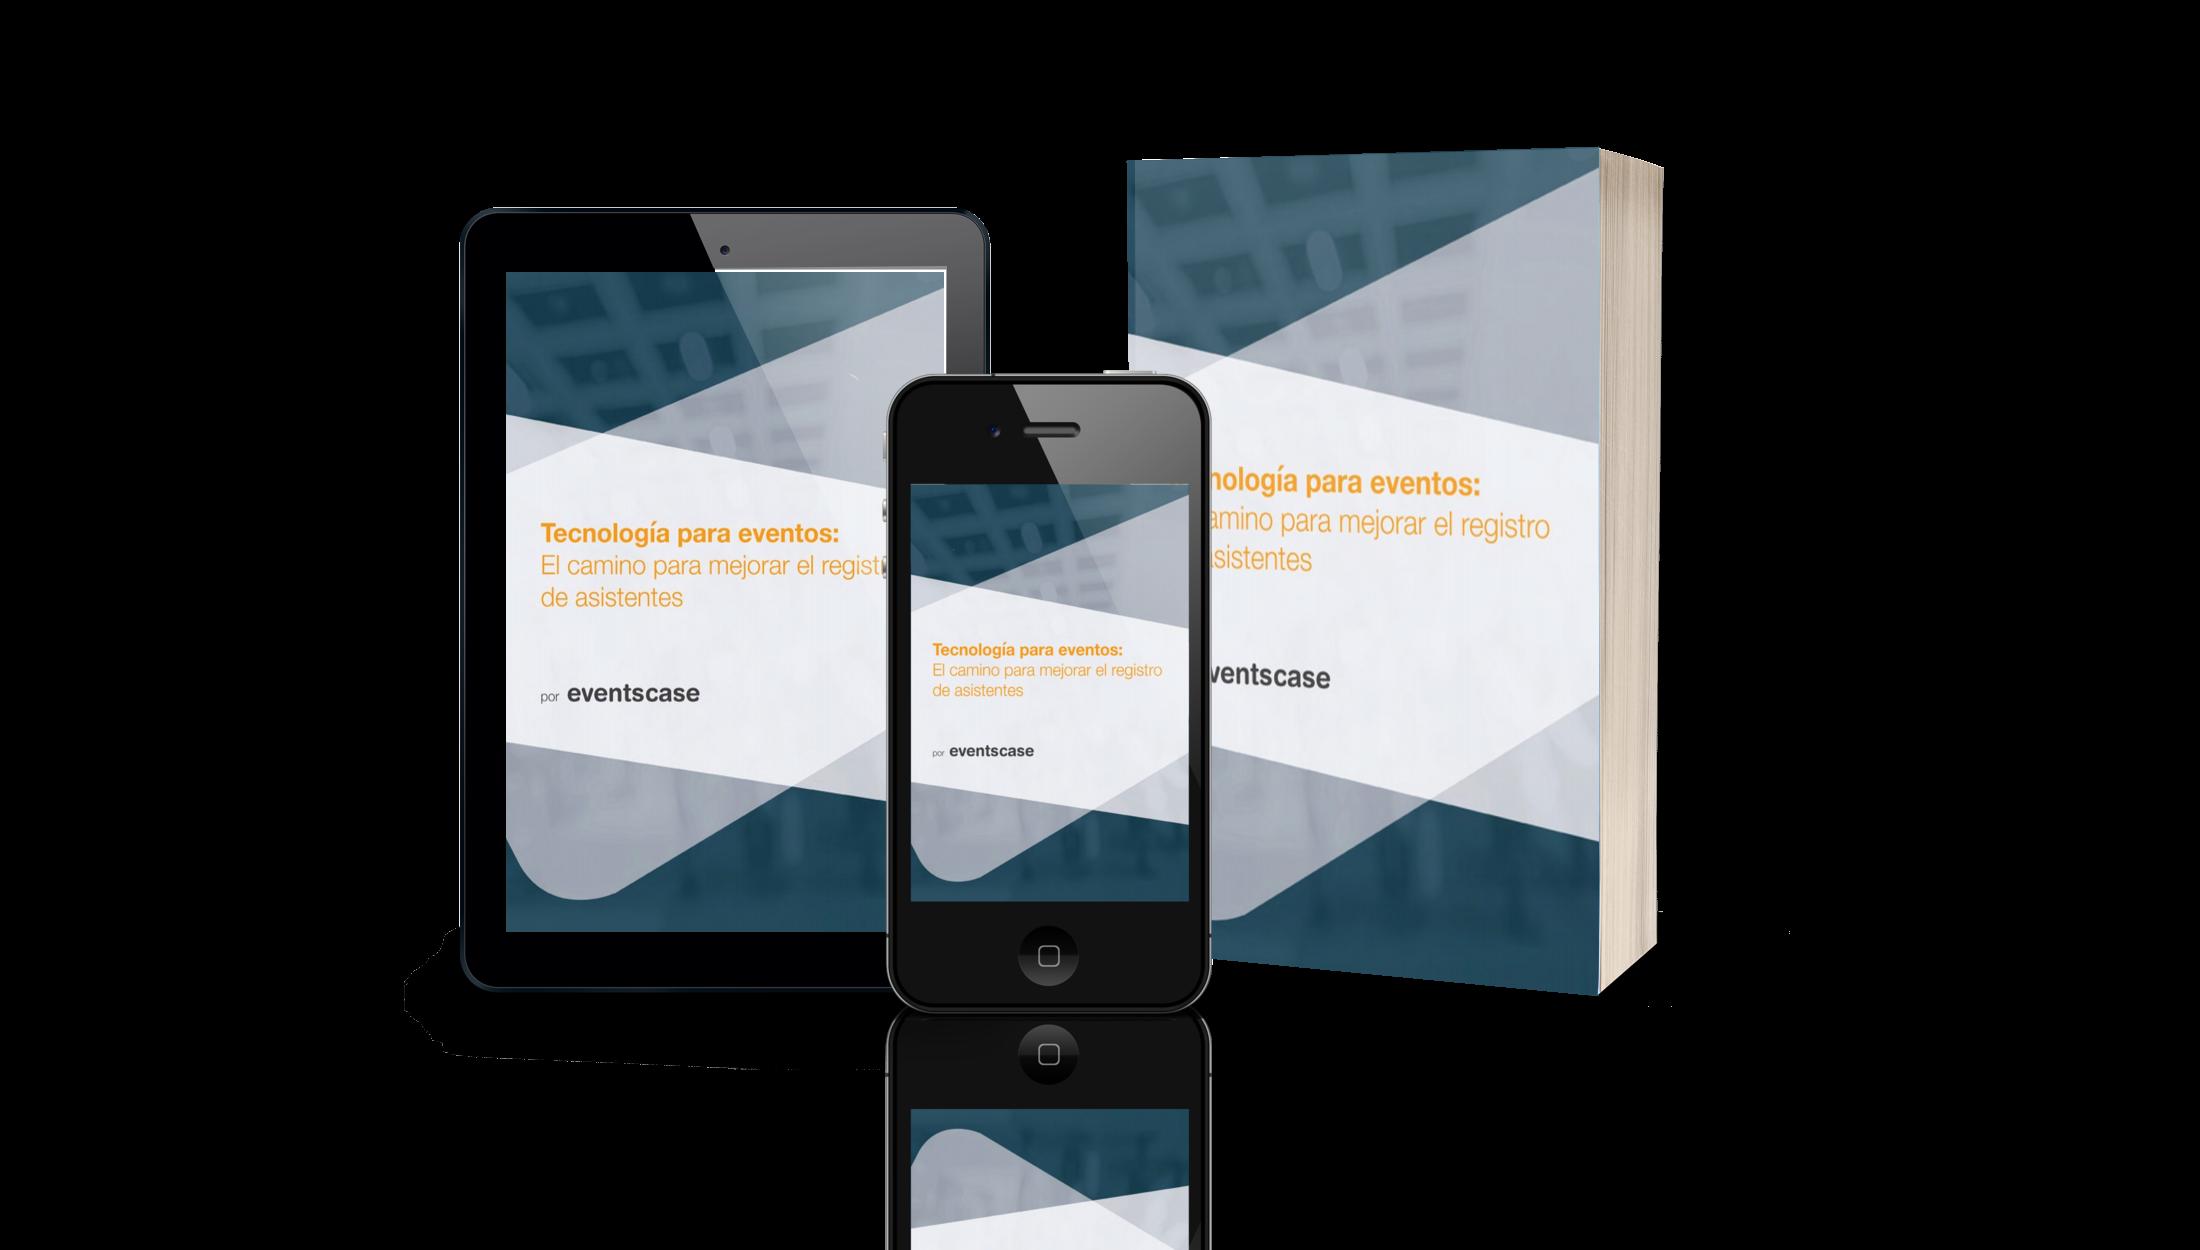 eventscase tecnologia whitepaper es - Tecnología para eventos: El camino para mejorar el registro de asistentes